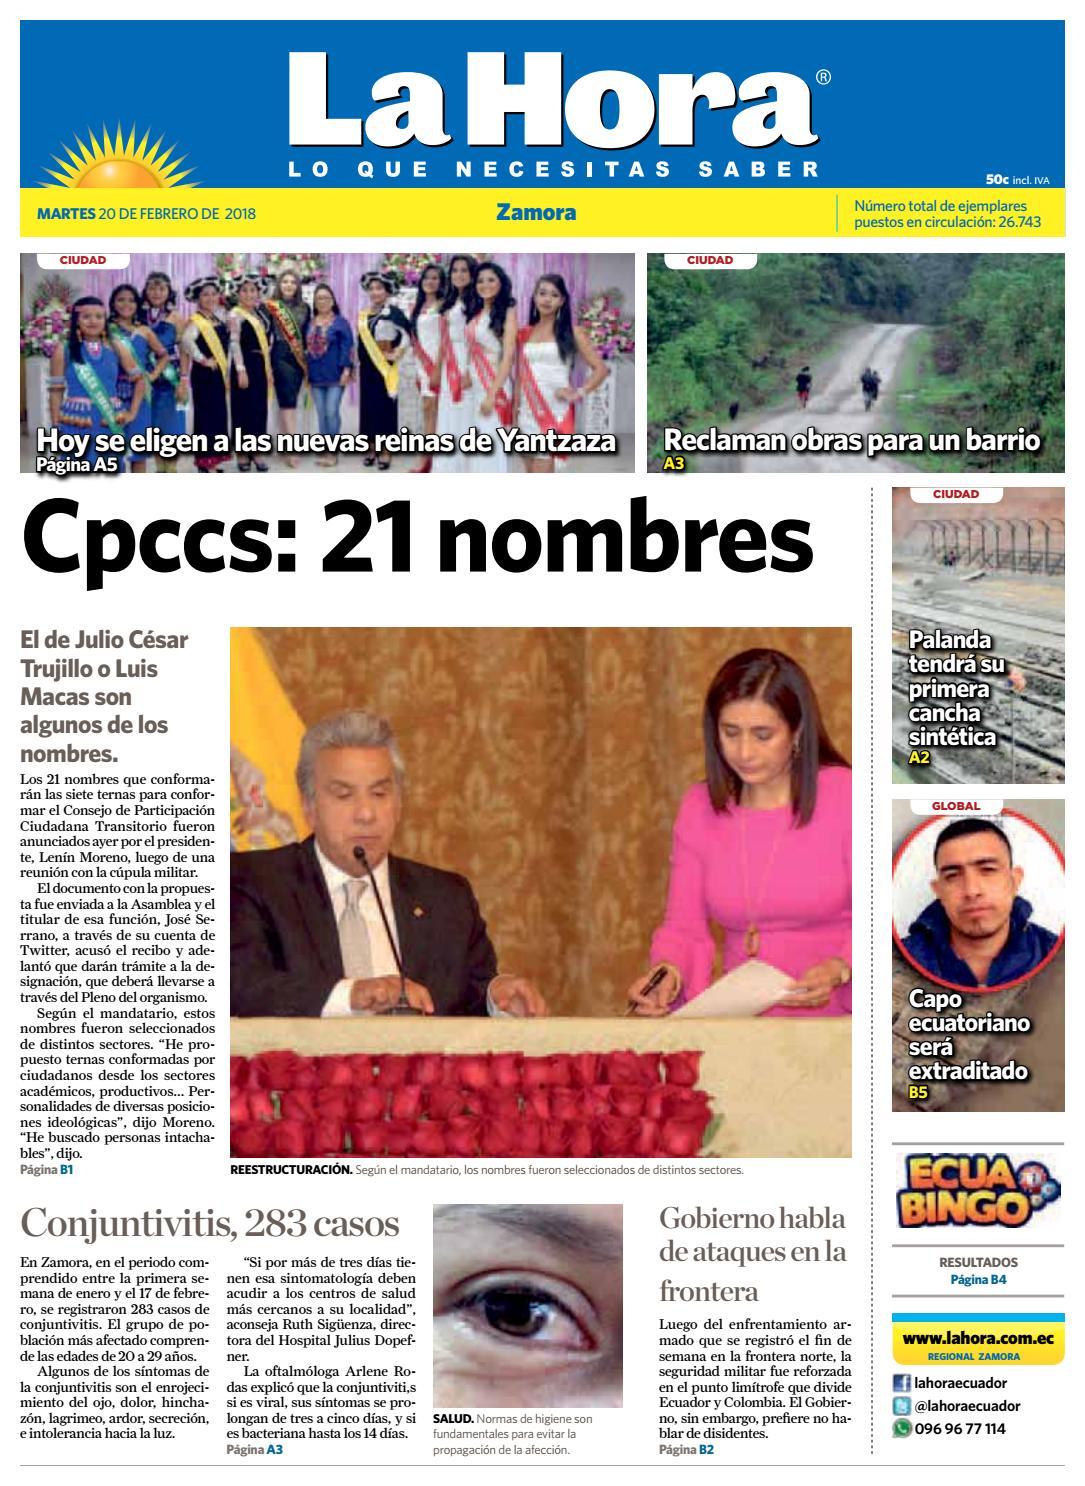 Diario la hora zamora 20 de febrero 2018 by Diario La Hora Ecuador ...